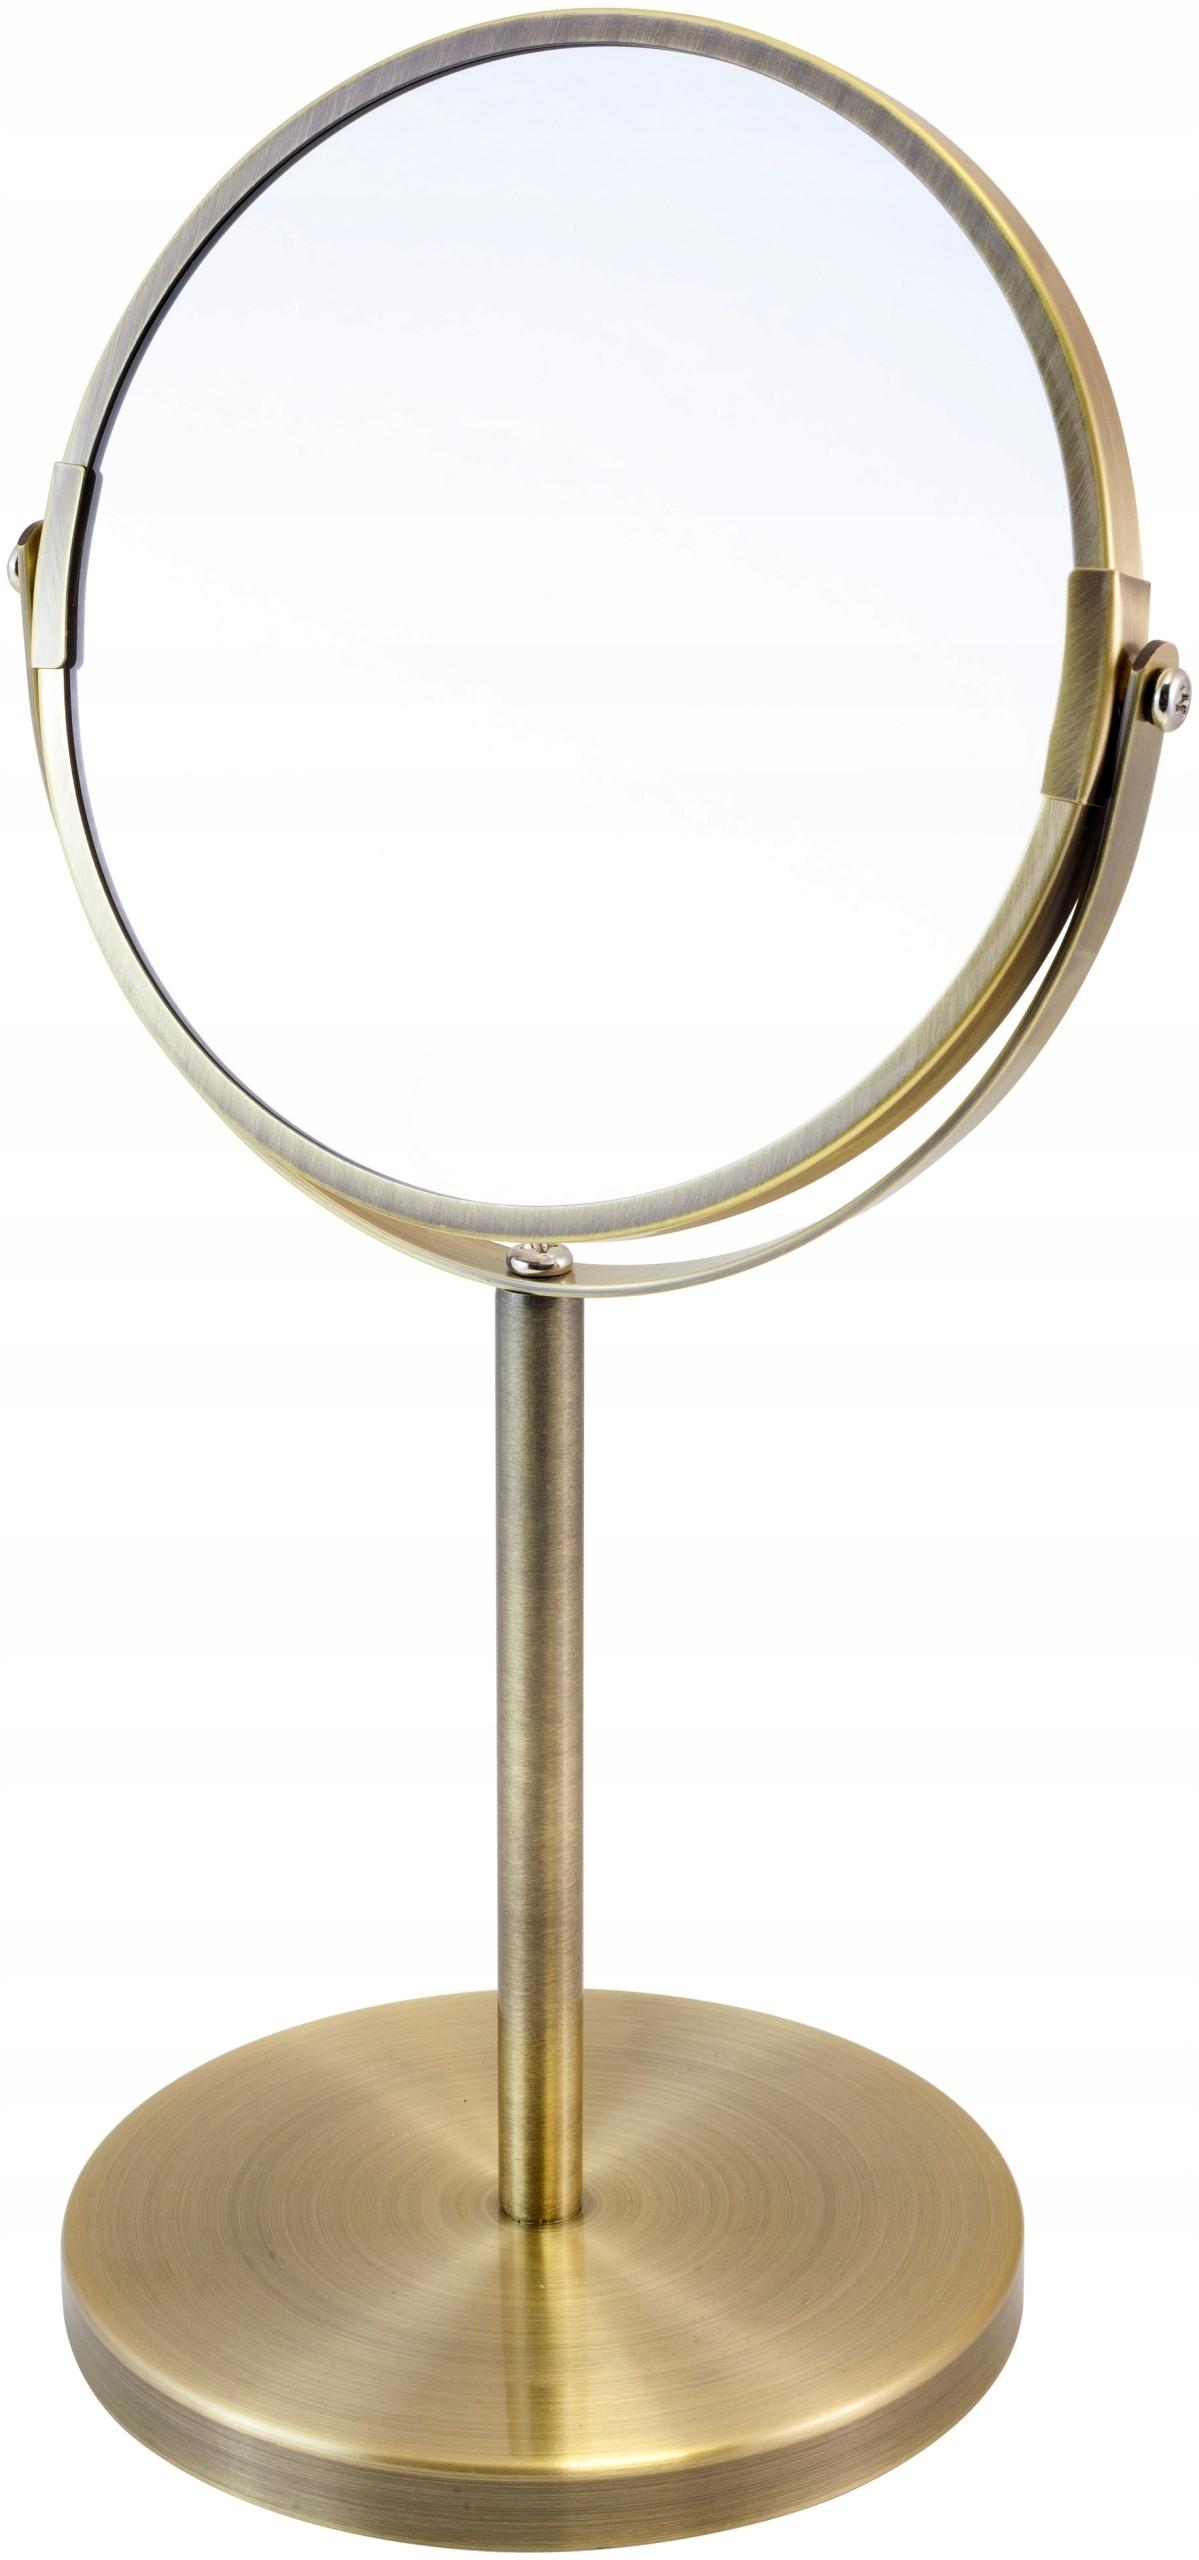 Lustro dwustronne do makijażu stojące złote 3xpow